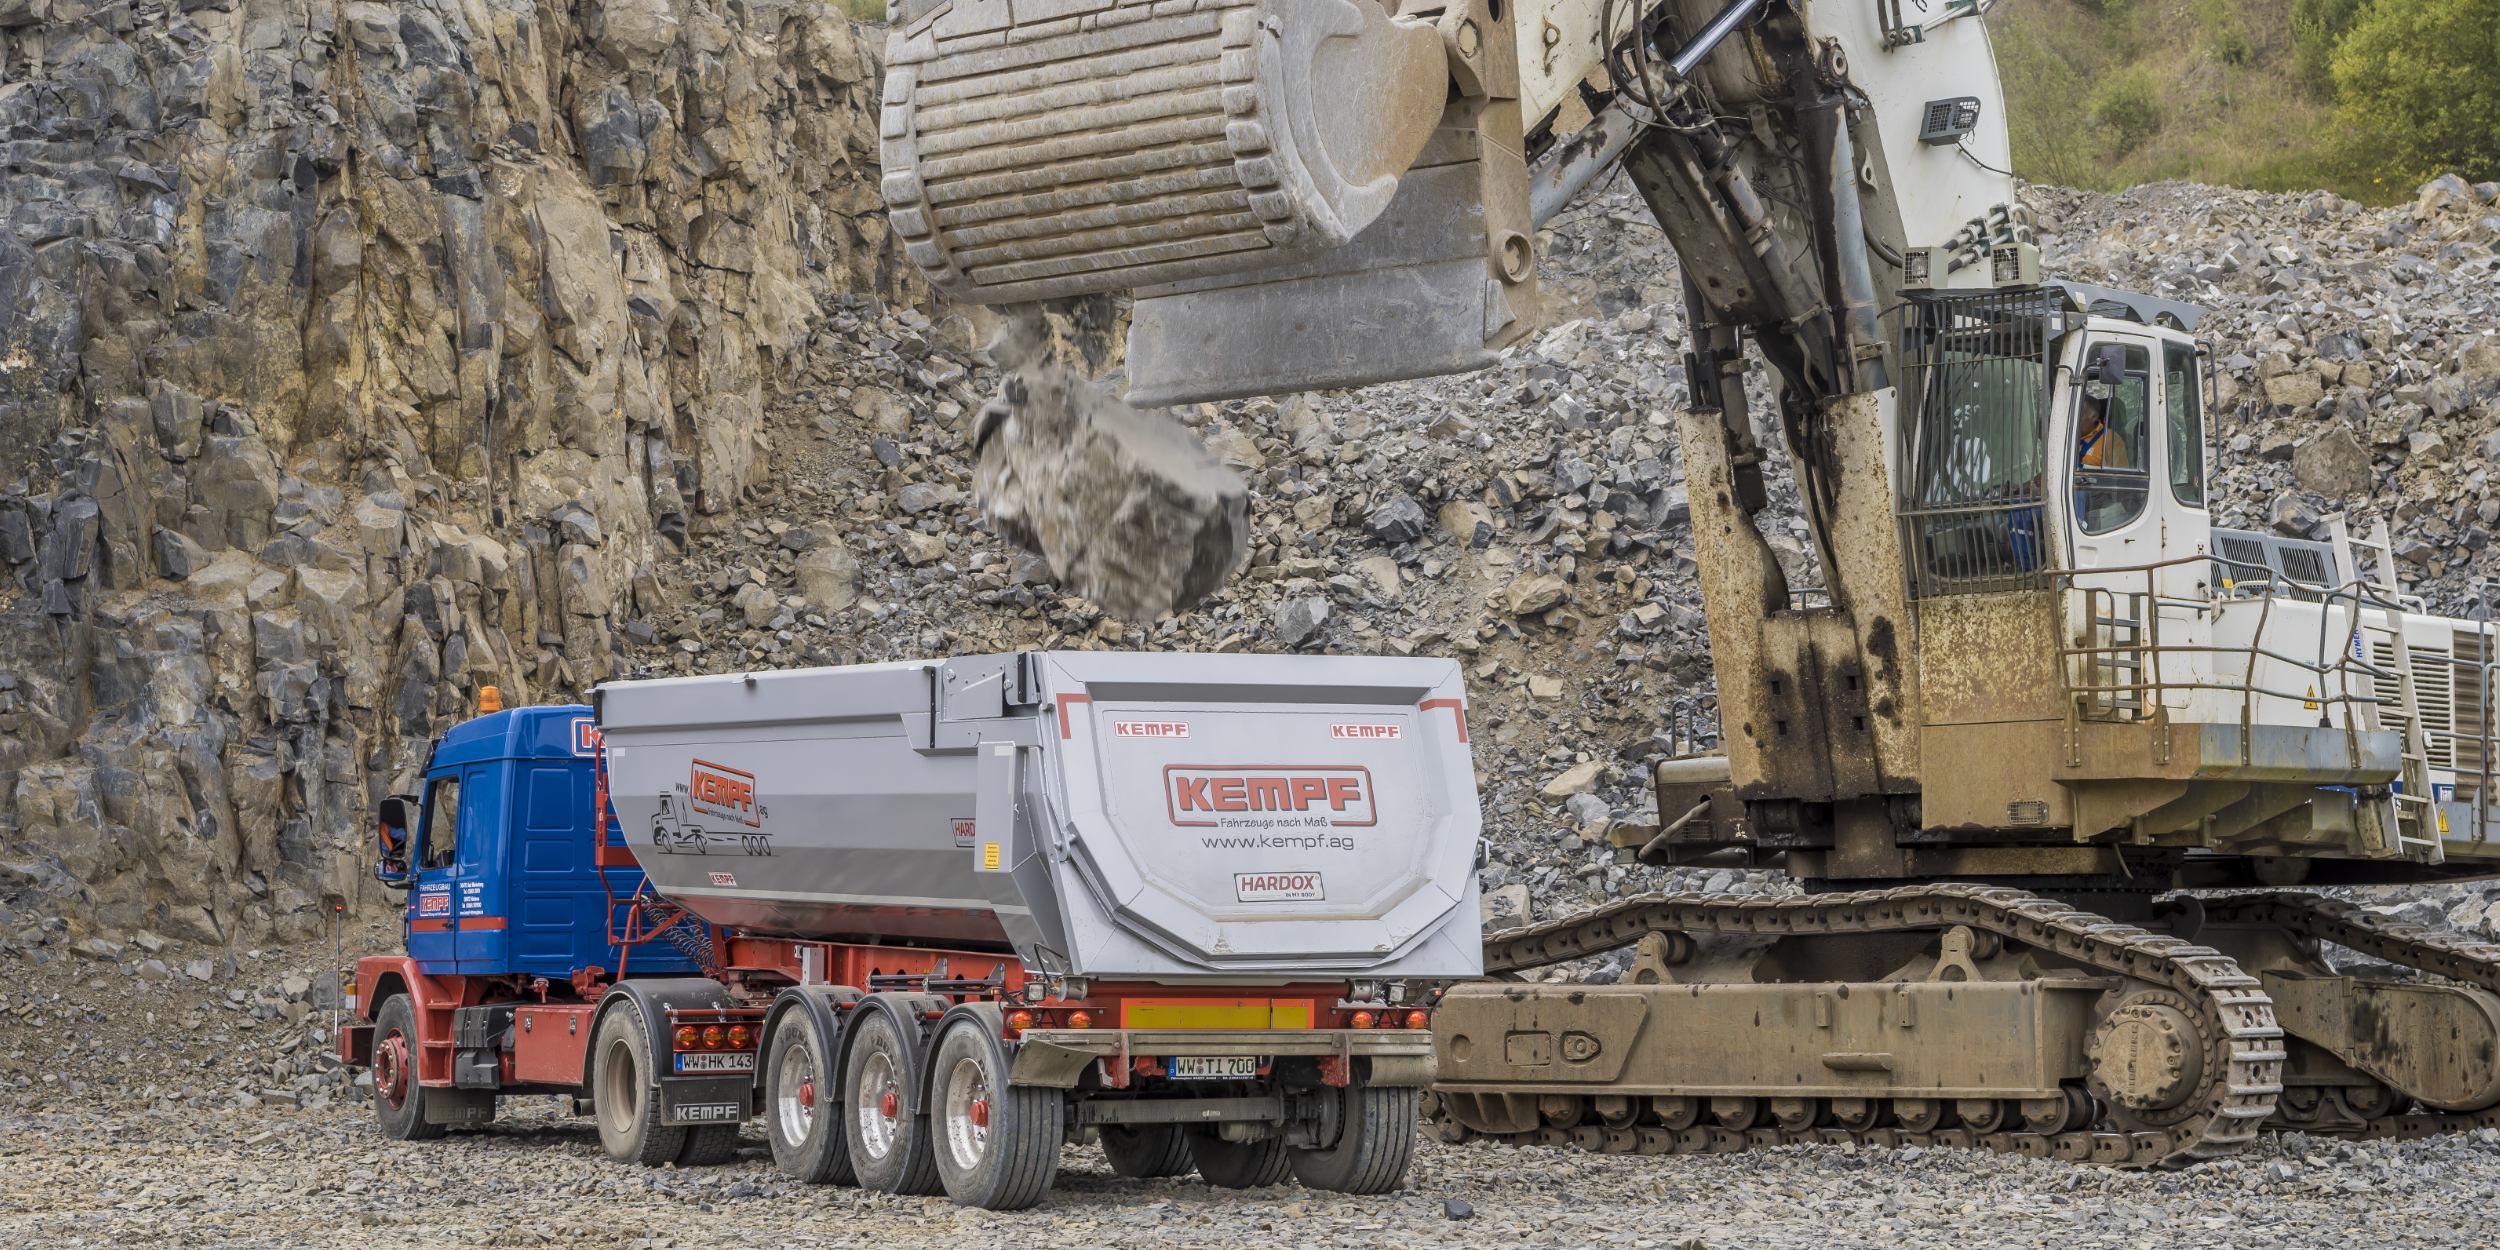 Industriefotografie Stuttgart und Umgebung Hardox SSAB Stahl Steinbruch Schwerlast LKW Materialtest Schwerlast Bagger Enspel Fahrzeugbau KEMPF